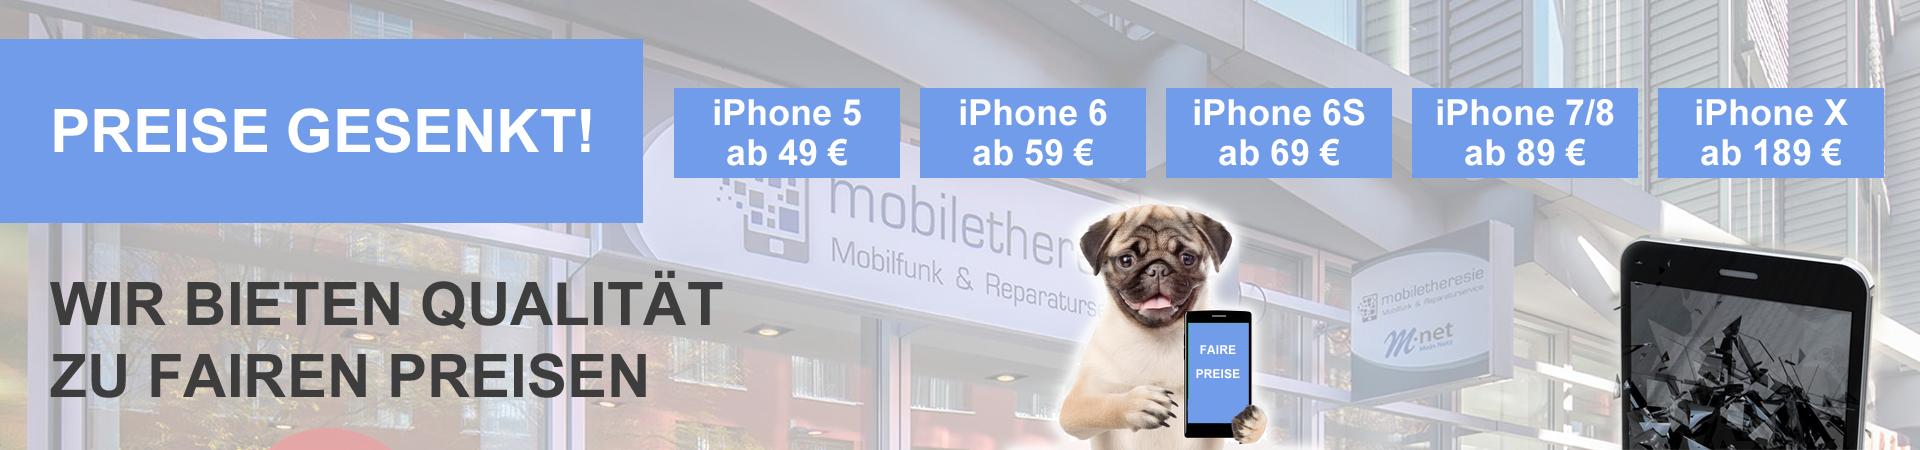 günstige Handyreparatur